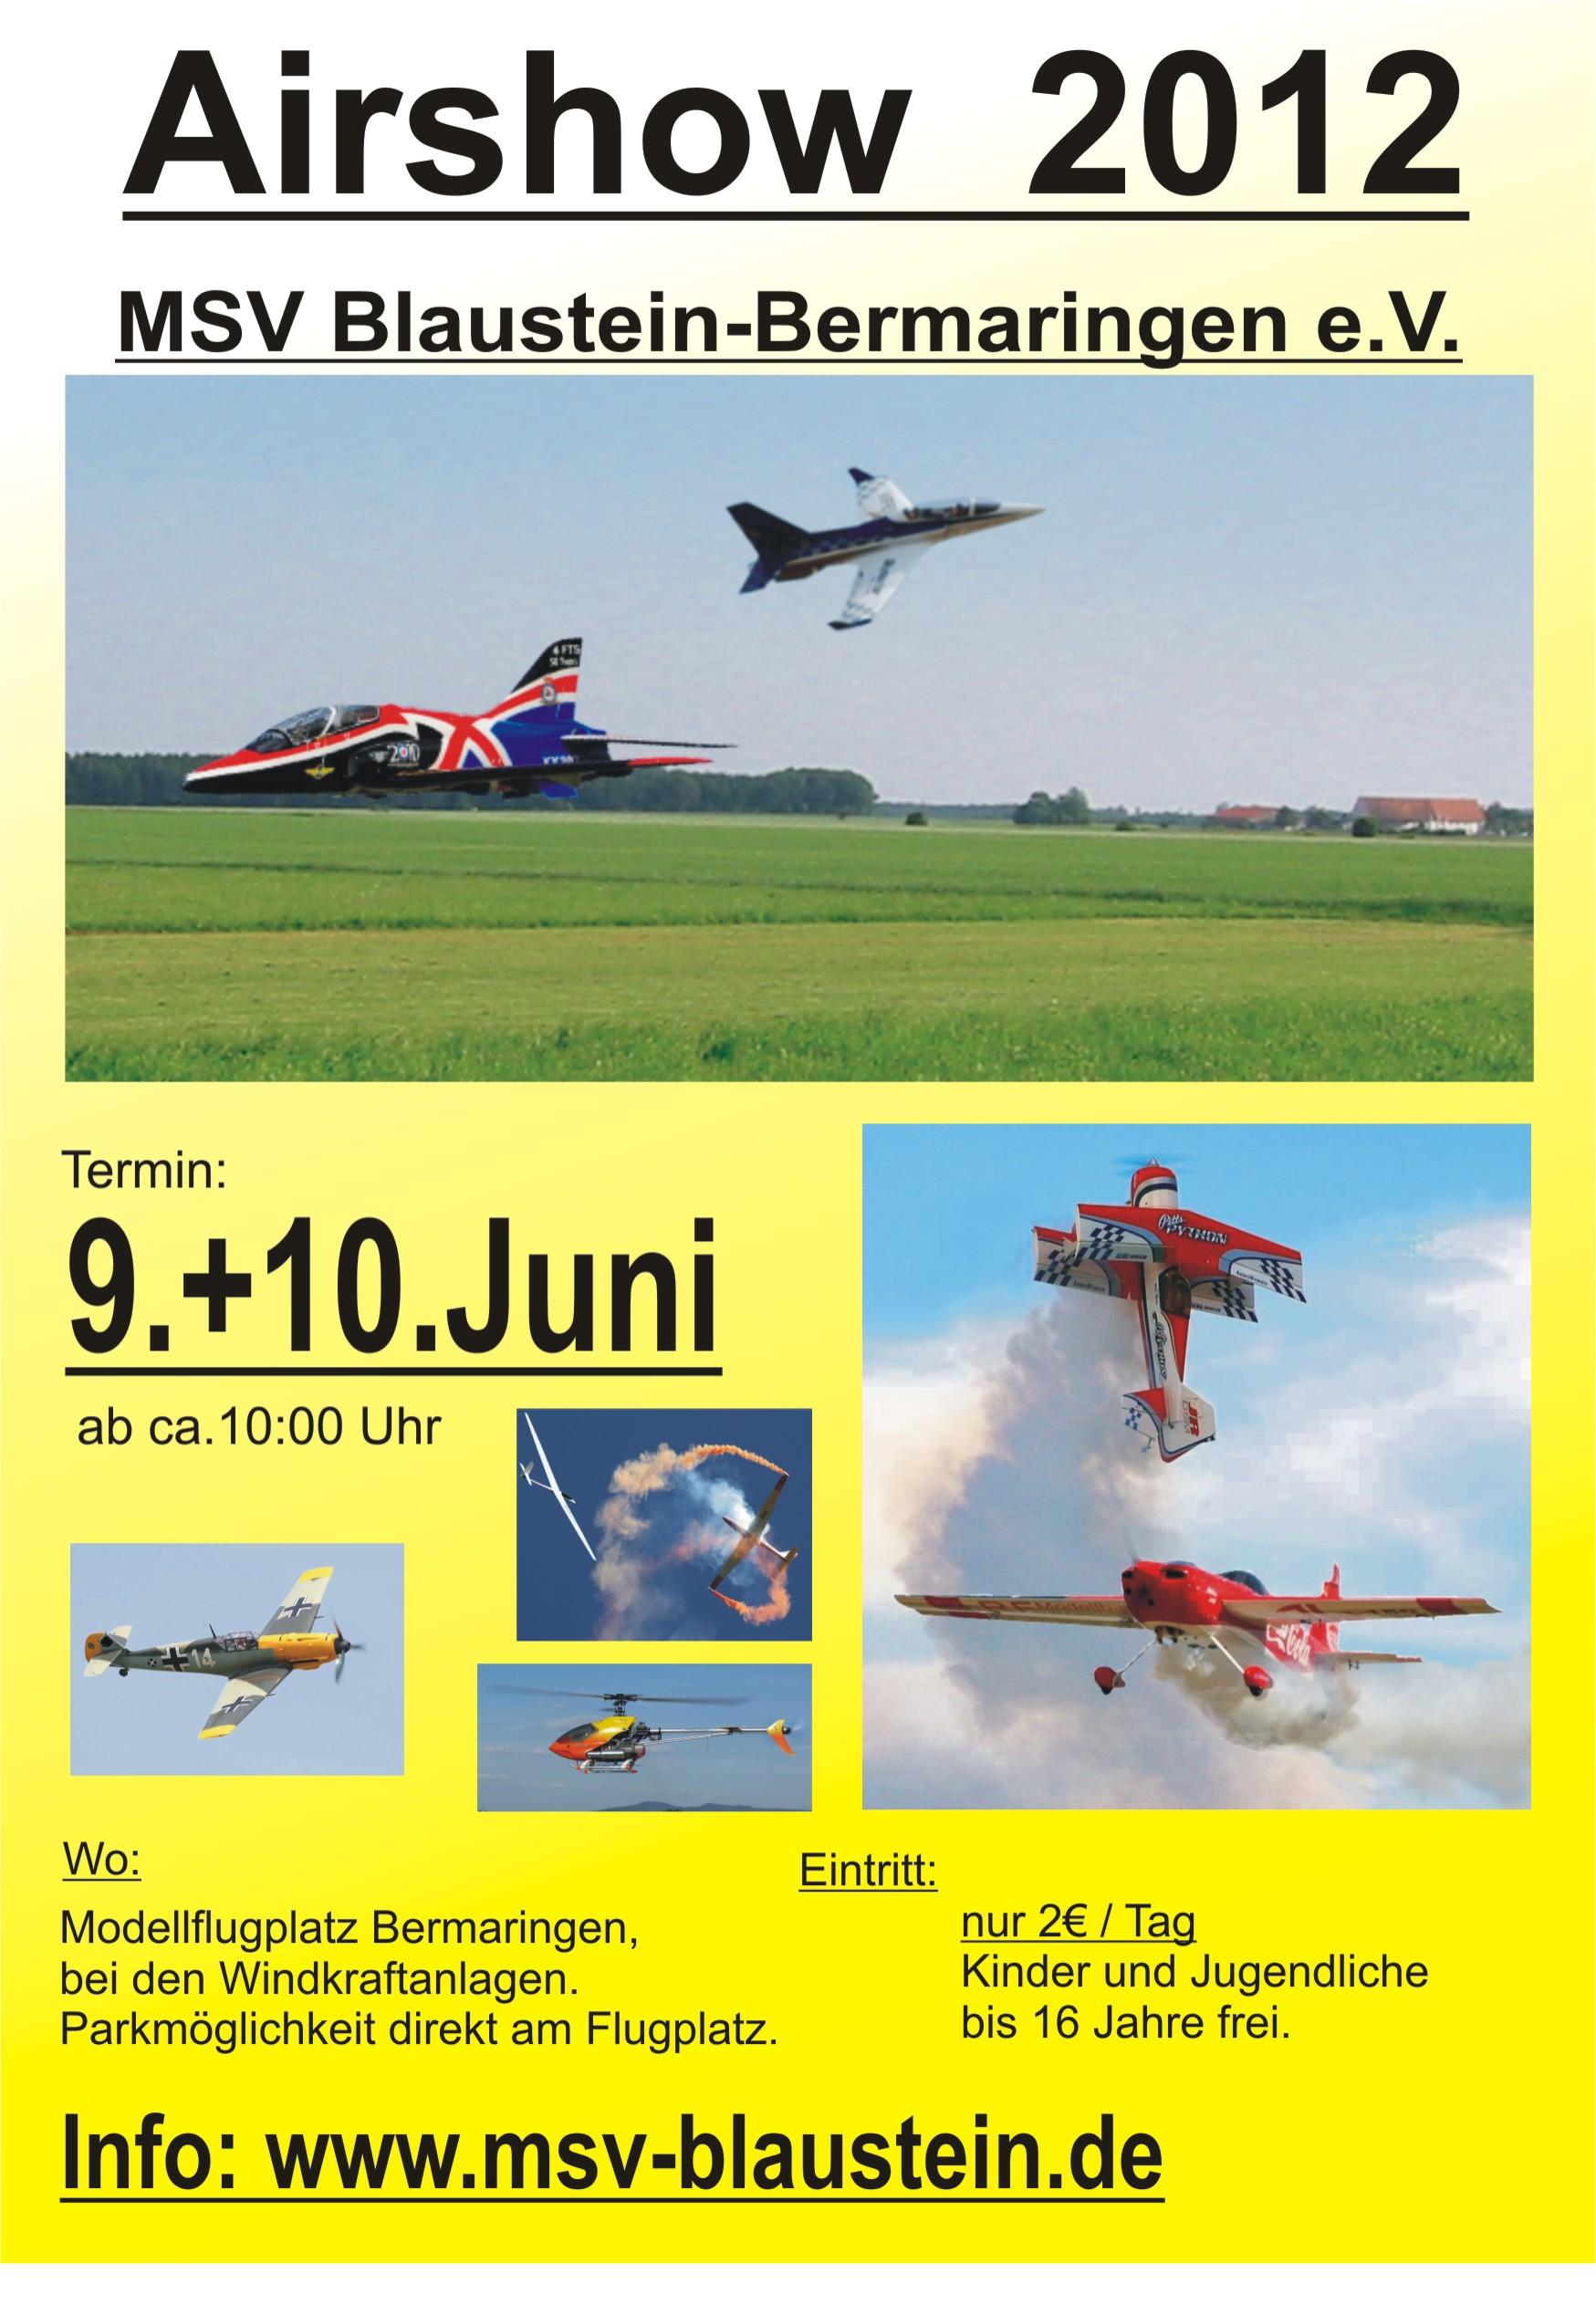 Airshow Blaustein-Bermaringen 2012